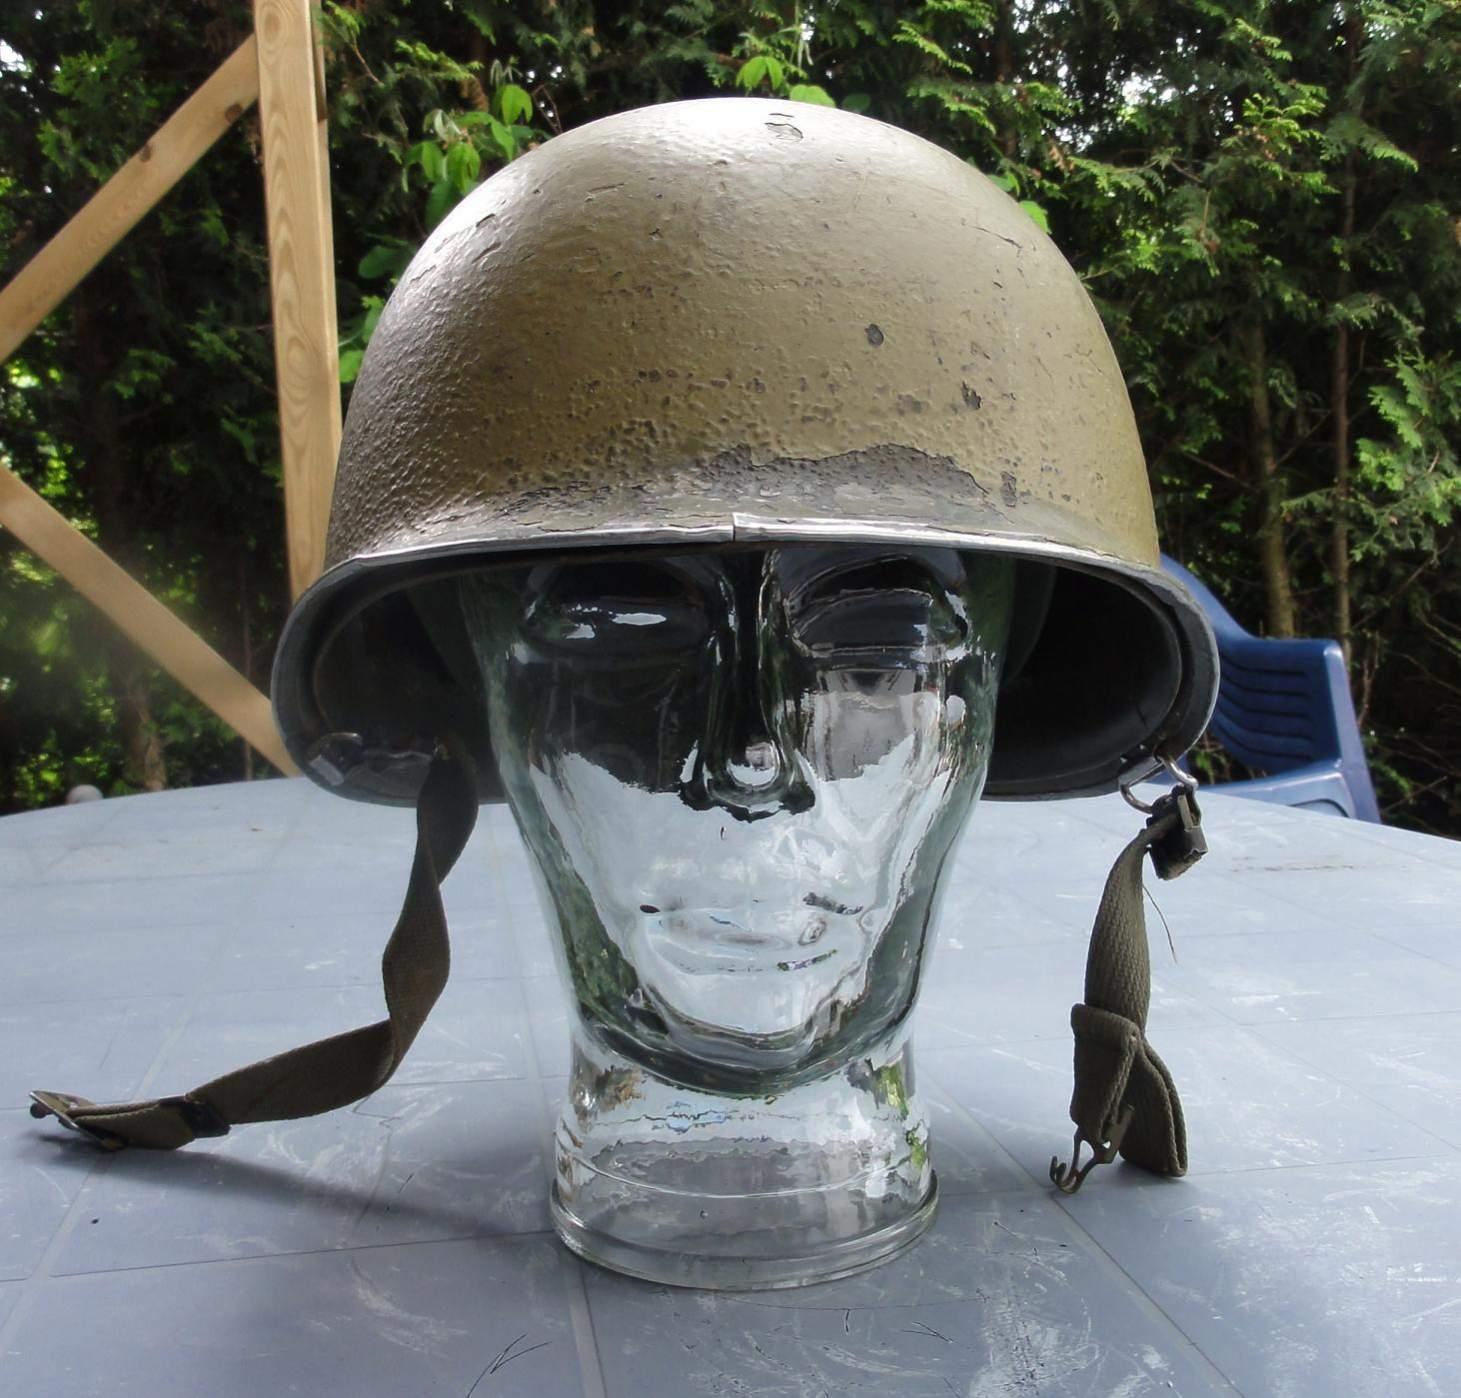 Vietnam War Era Helmet?